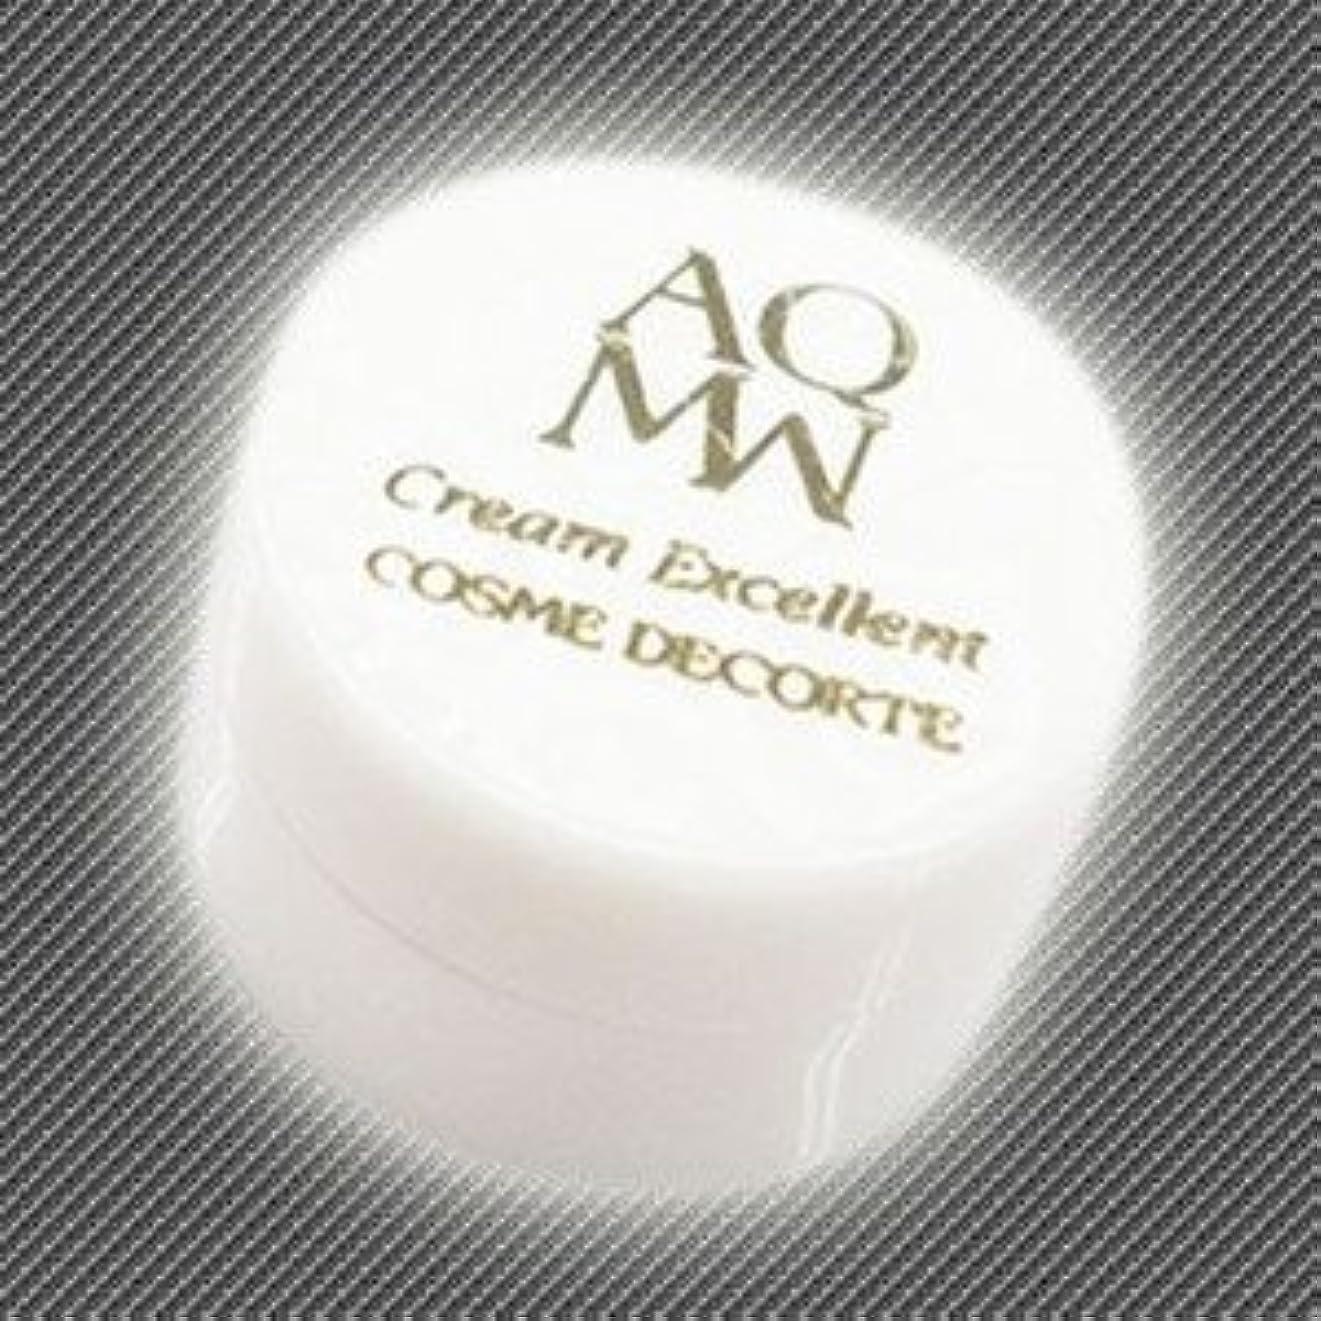 スムーズに滅びるいうコスメデコルテ AQ MW クリームエクセレント 2.4ml(ミニ)